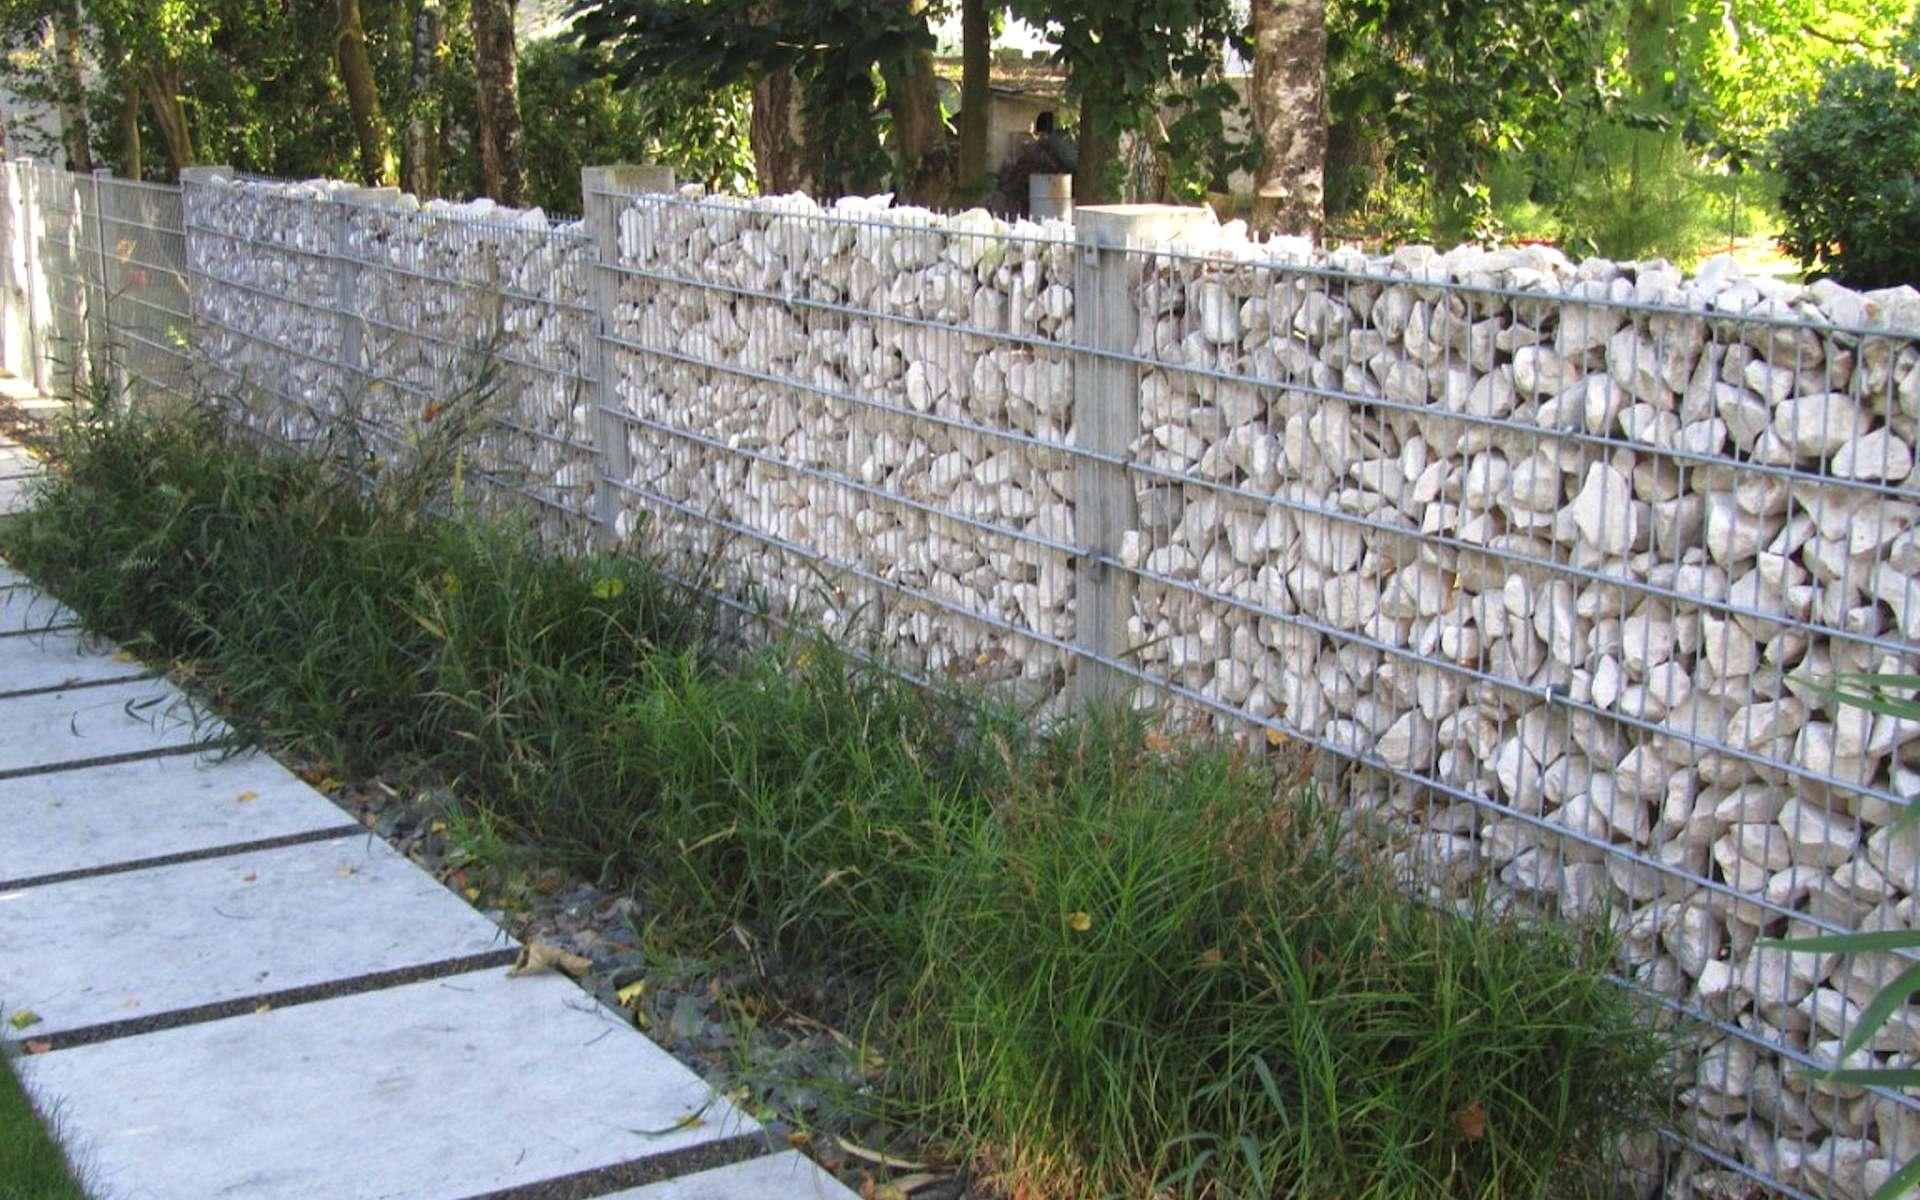 Le mur gabion forme une clôture peu vulnérable au vandalisme, d'autant plus s'il est garni de pierraille. © Leroy Merlin